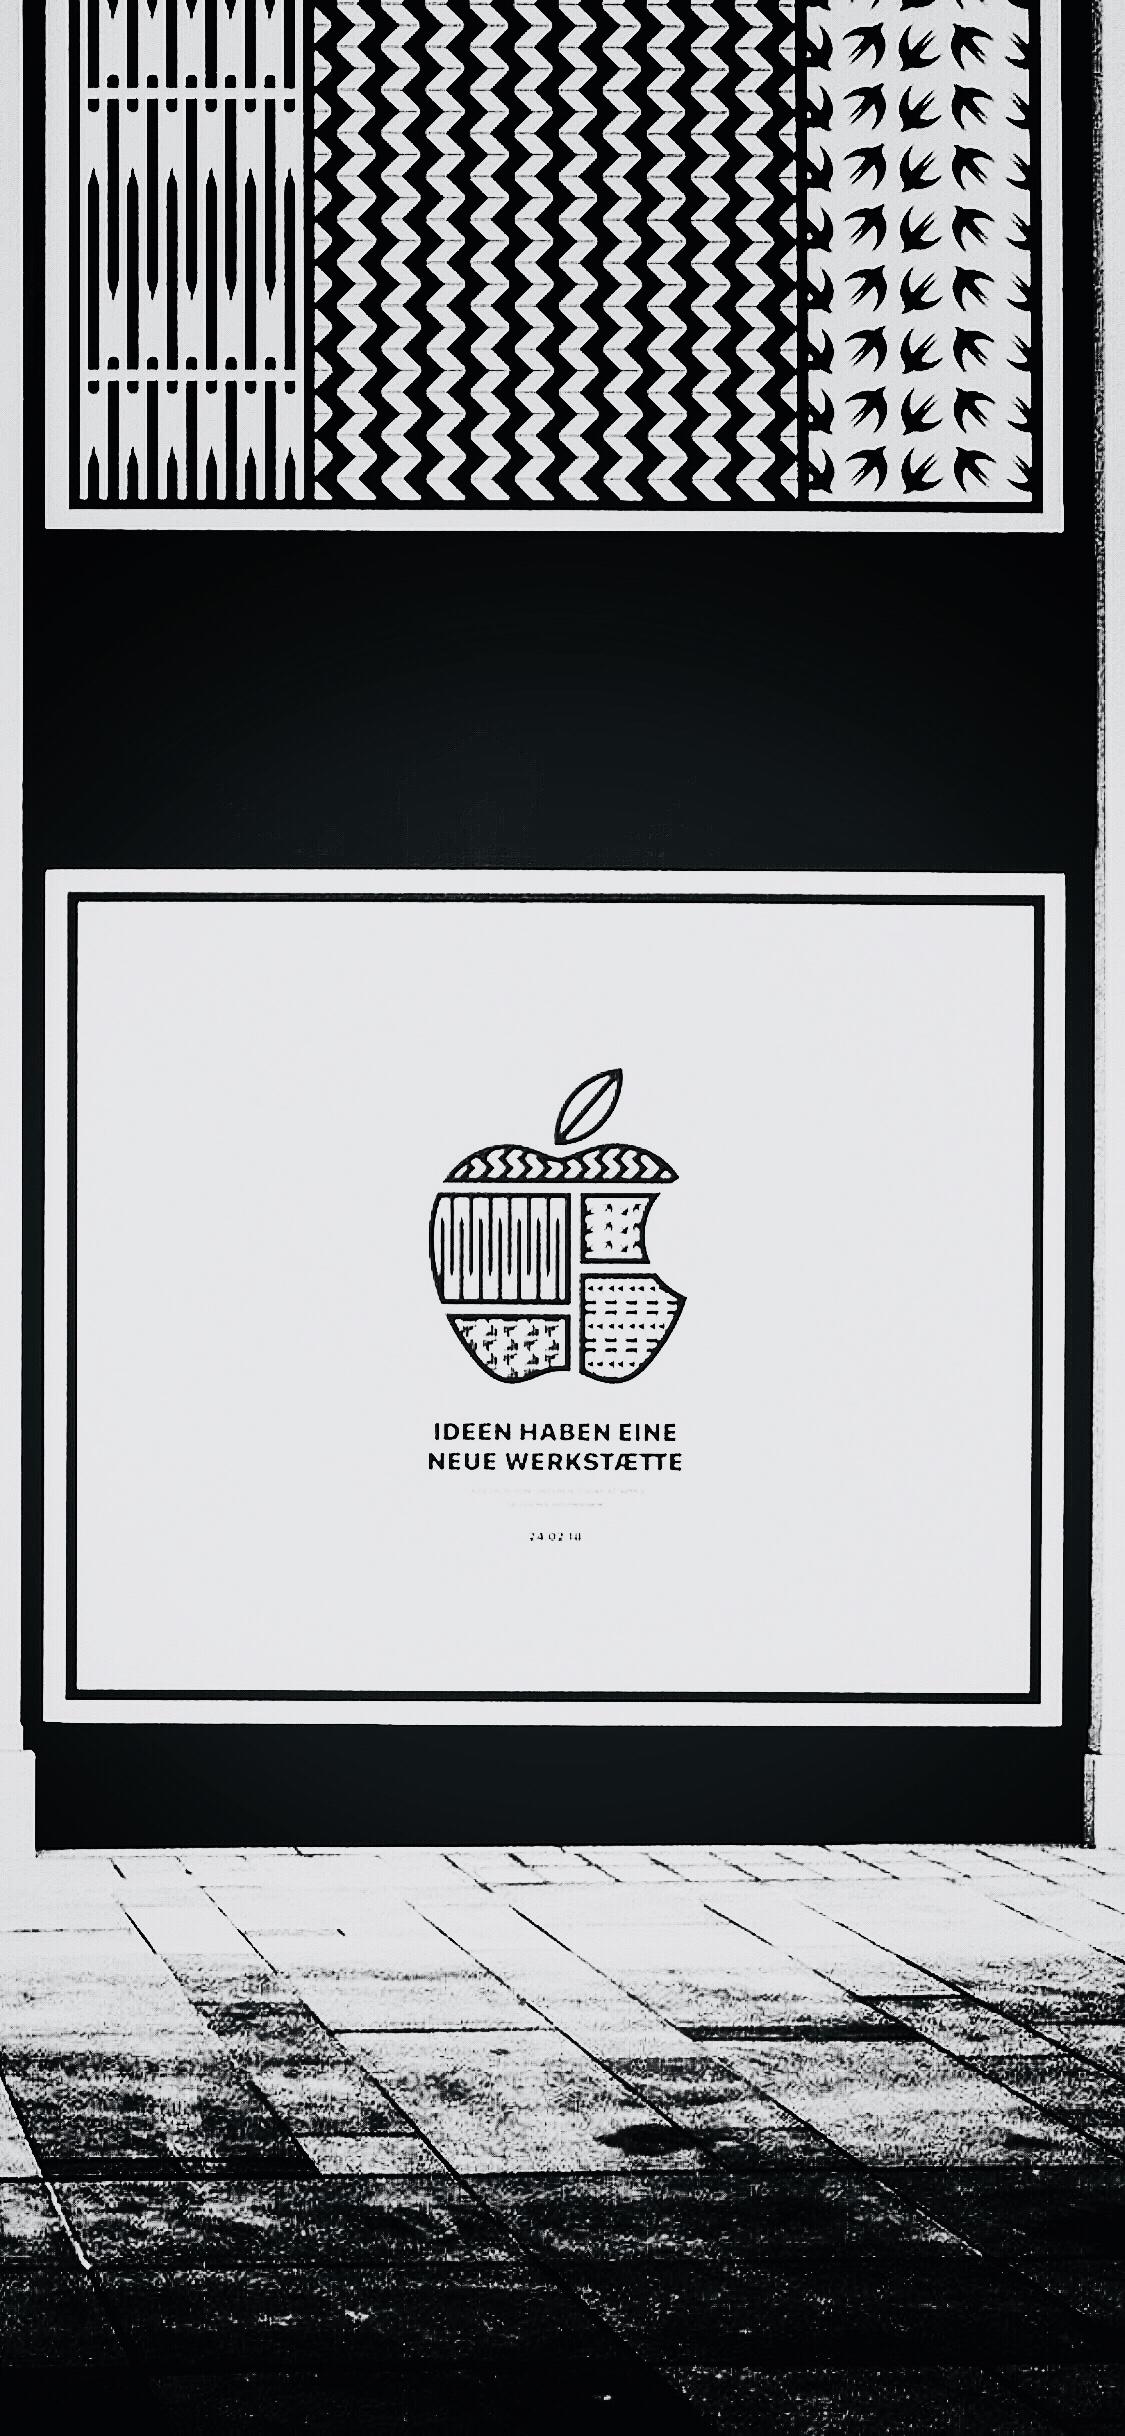 維也納 Apple Store